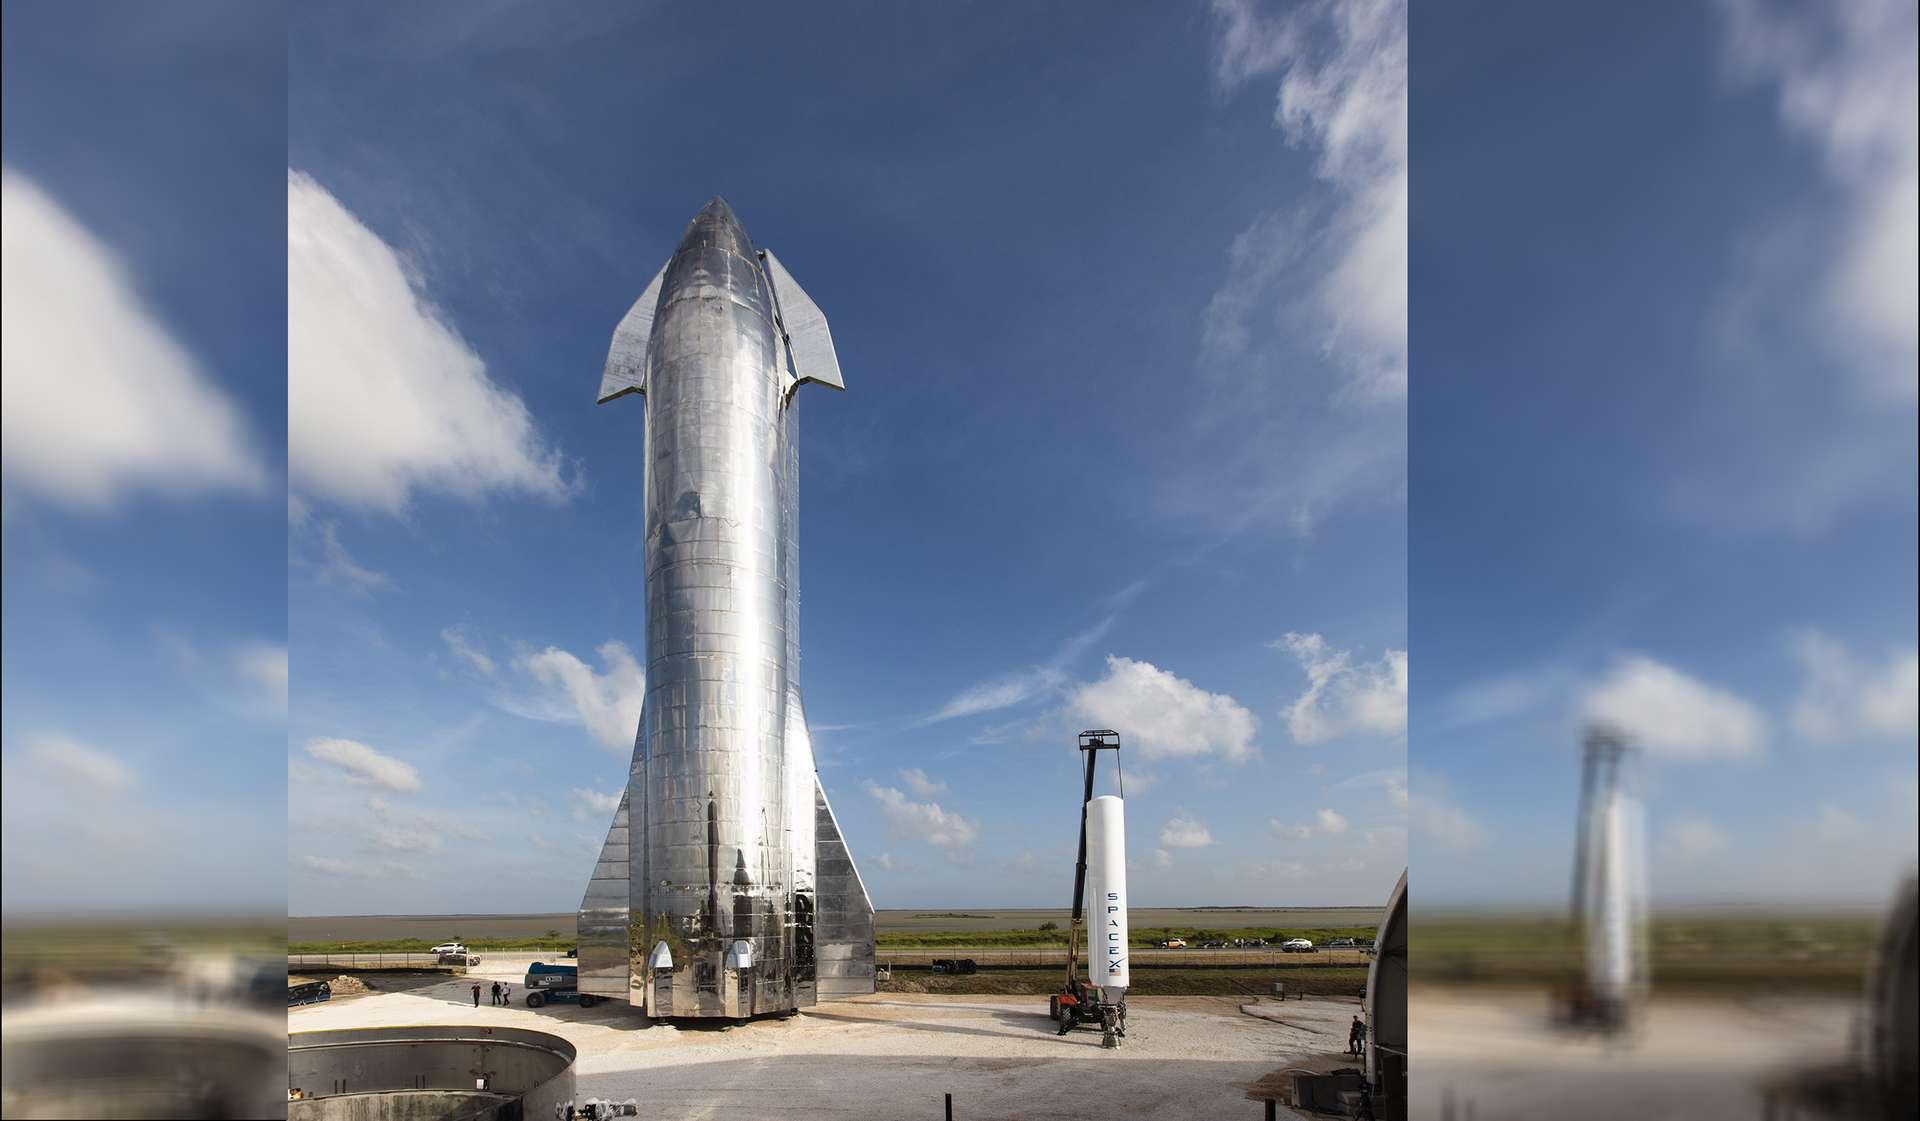 À Boca Chica, le Mk1, un des deux prototypes du Starship, trône à côté de l'étage principal du Falcon 9. © SpaceX, E. Musk